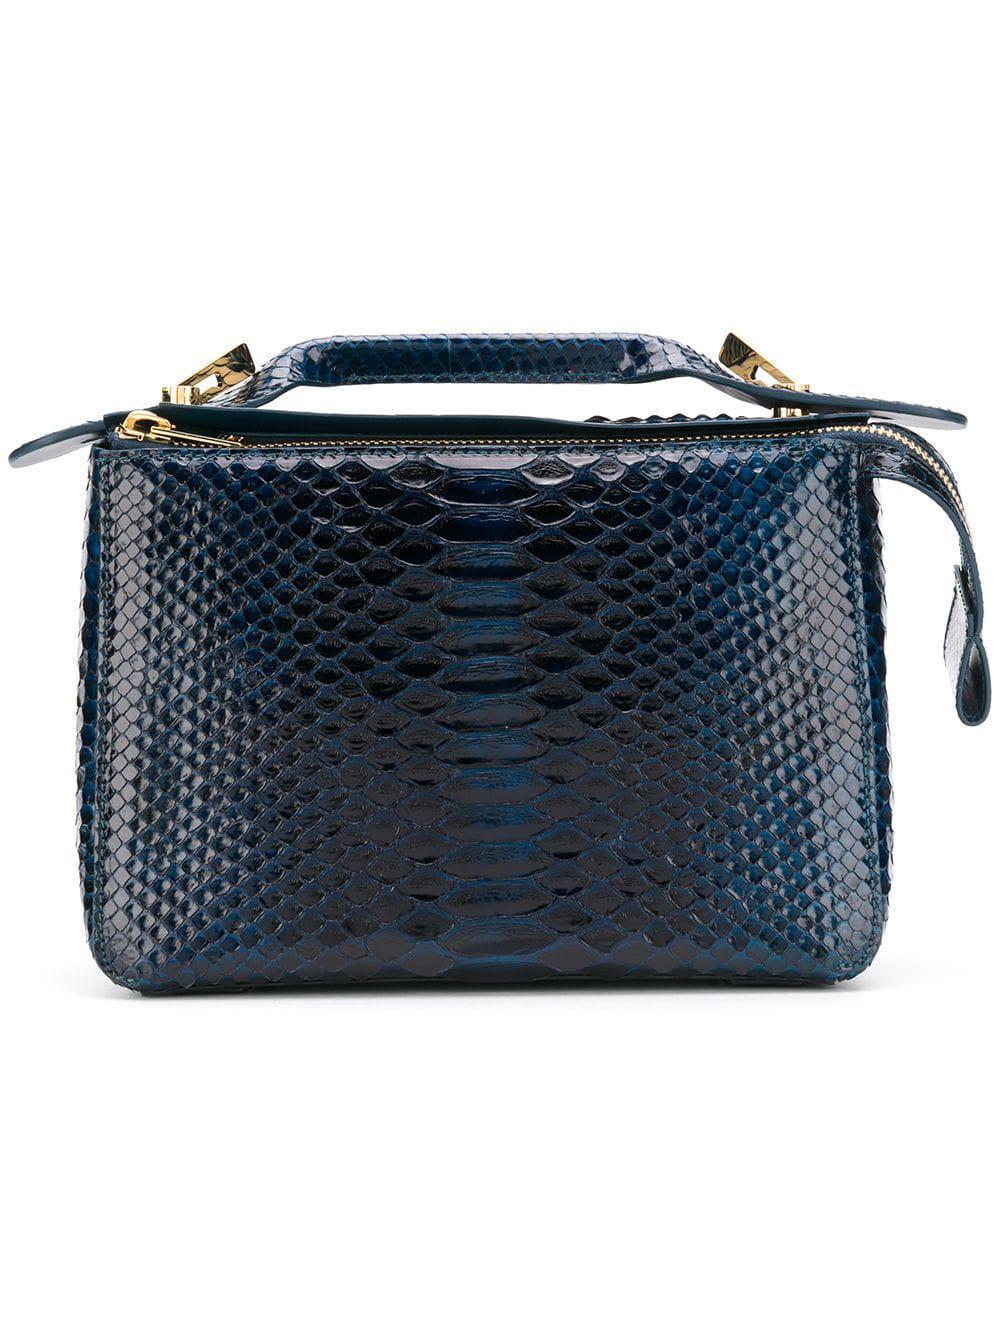 Sophie Hulme Textured Shoulder Bag In Blue